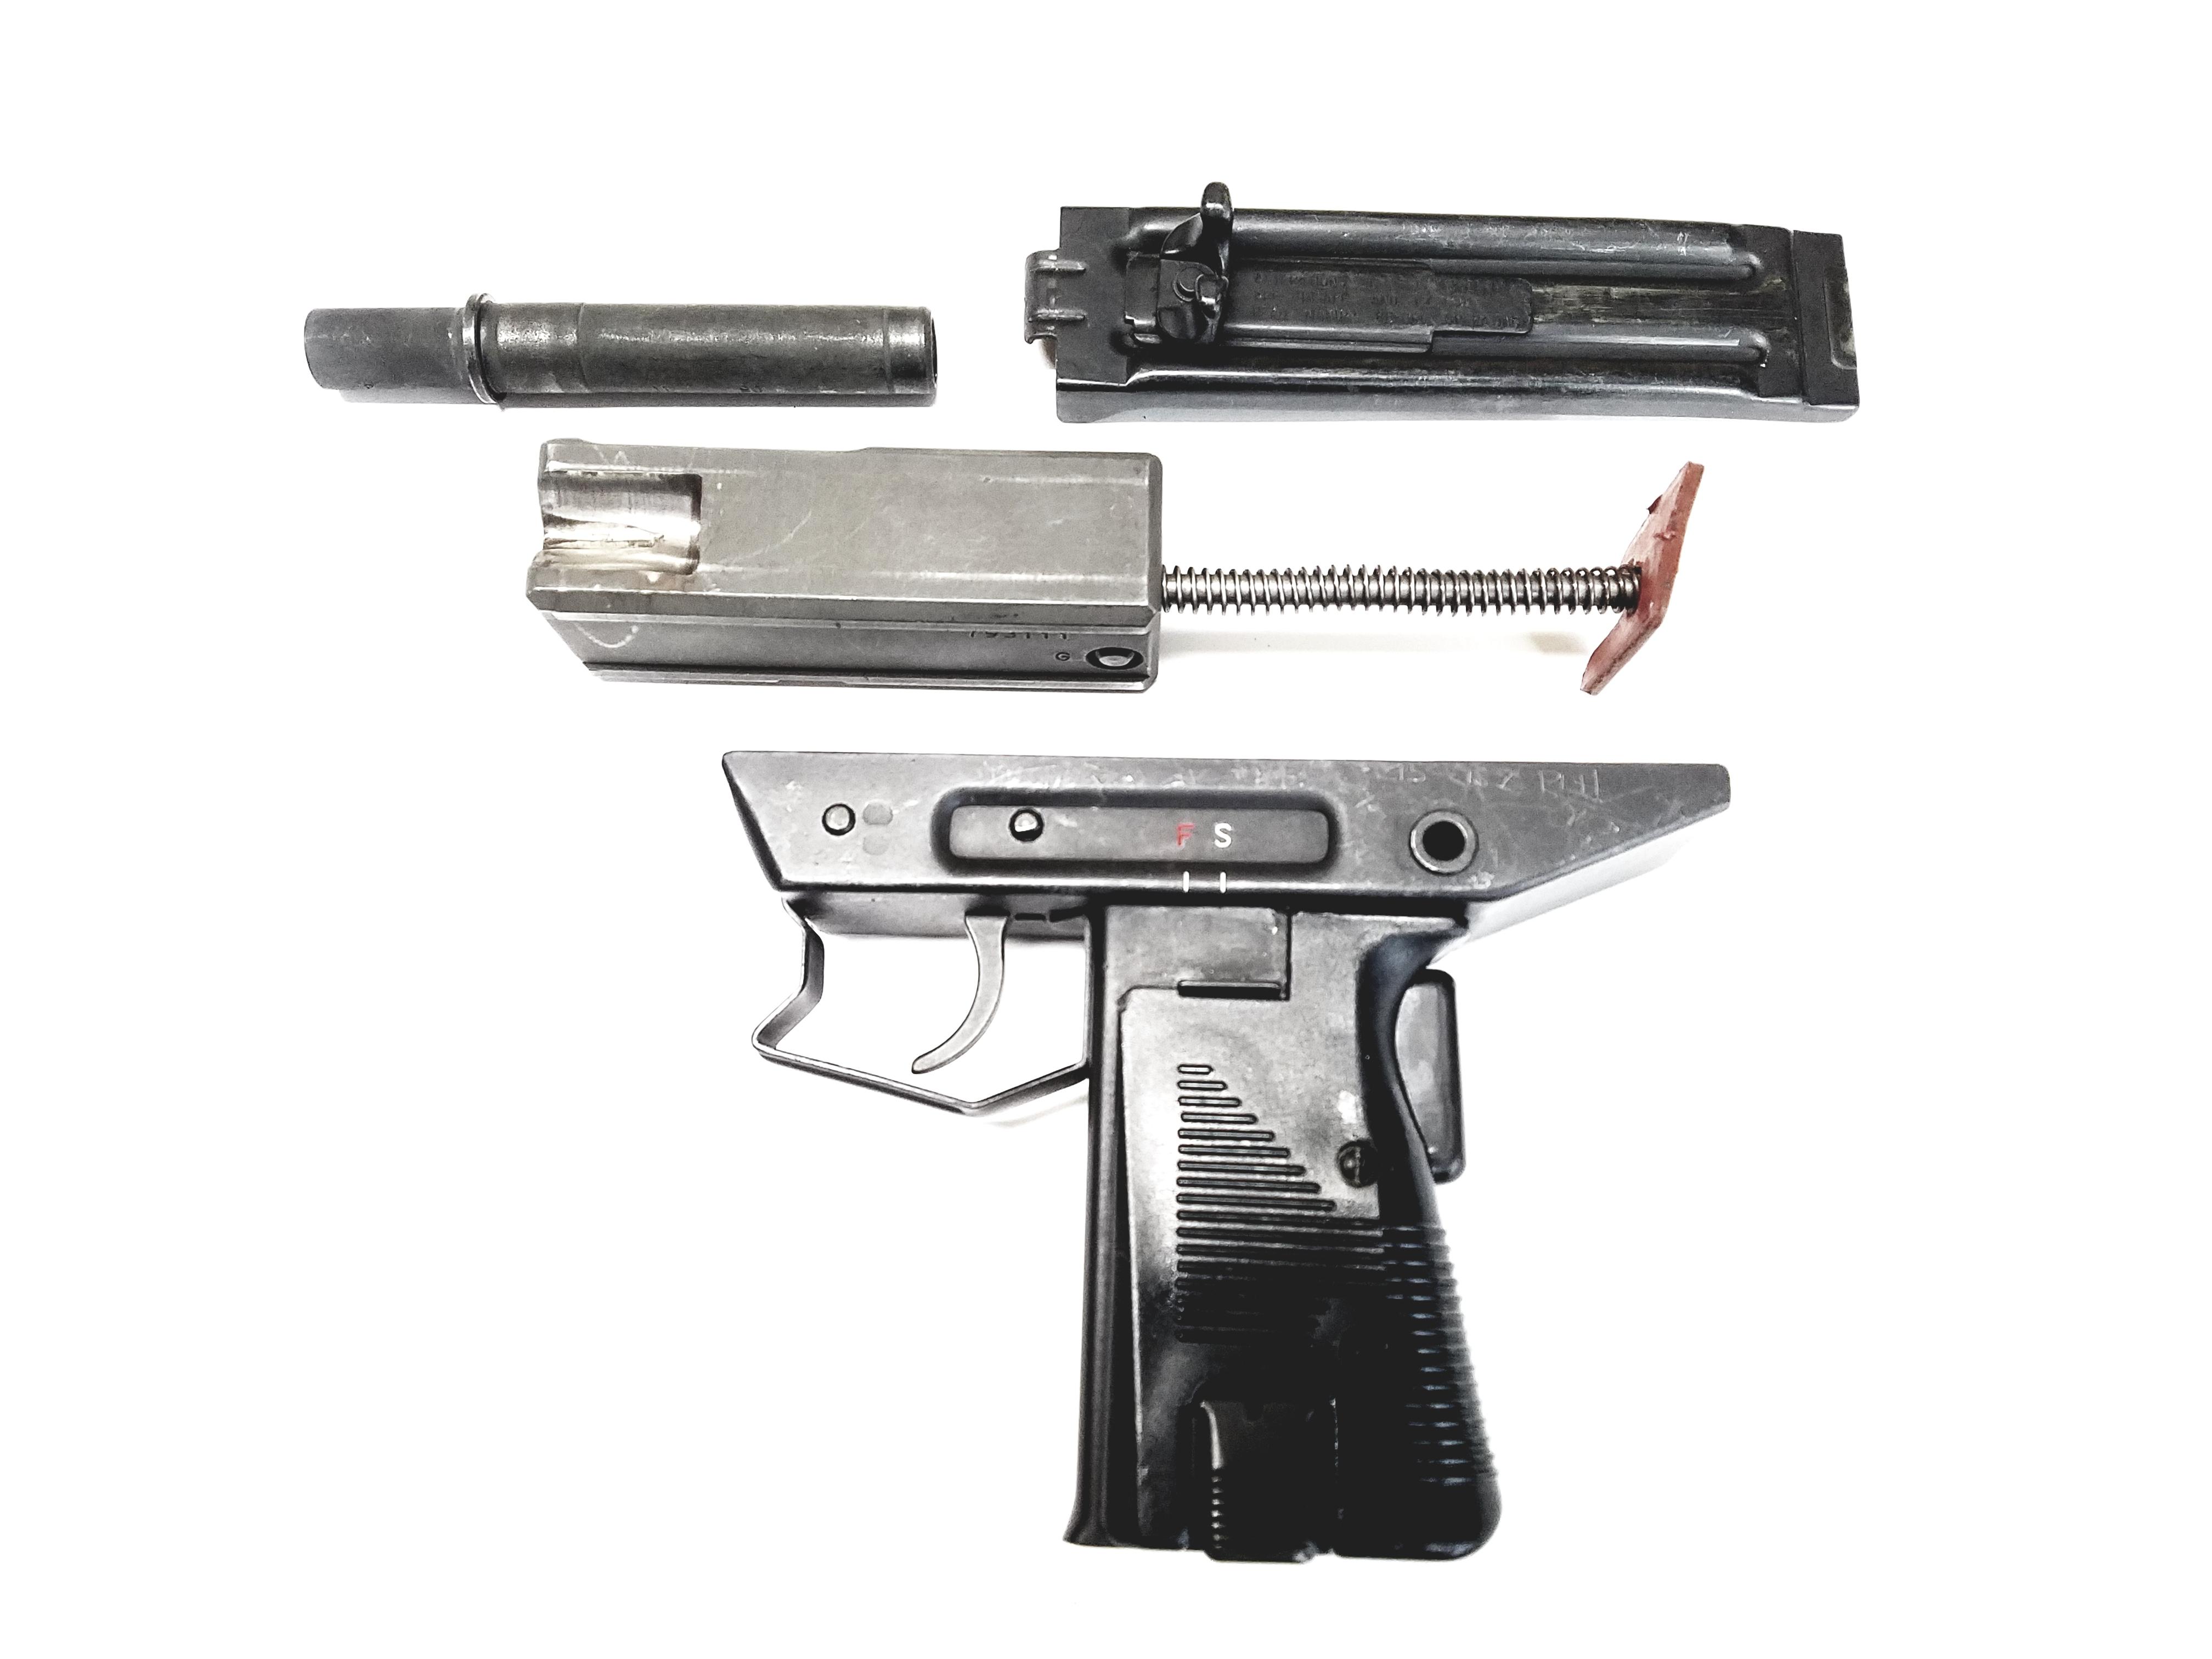 IMI Micro Uzi 9mm Parts Kit